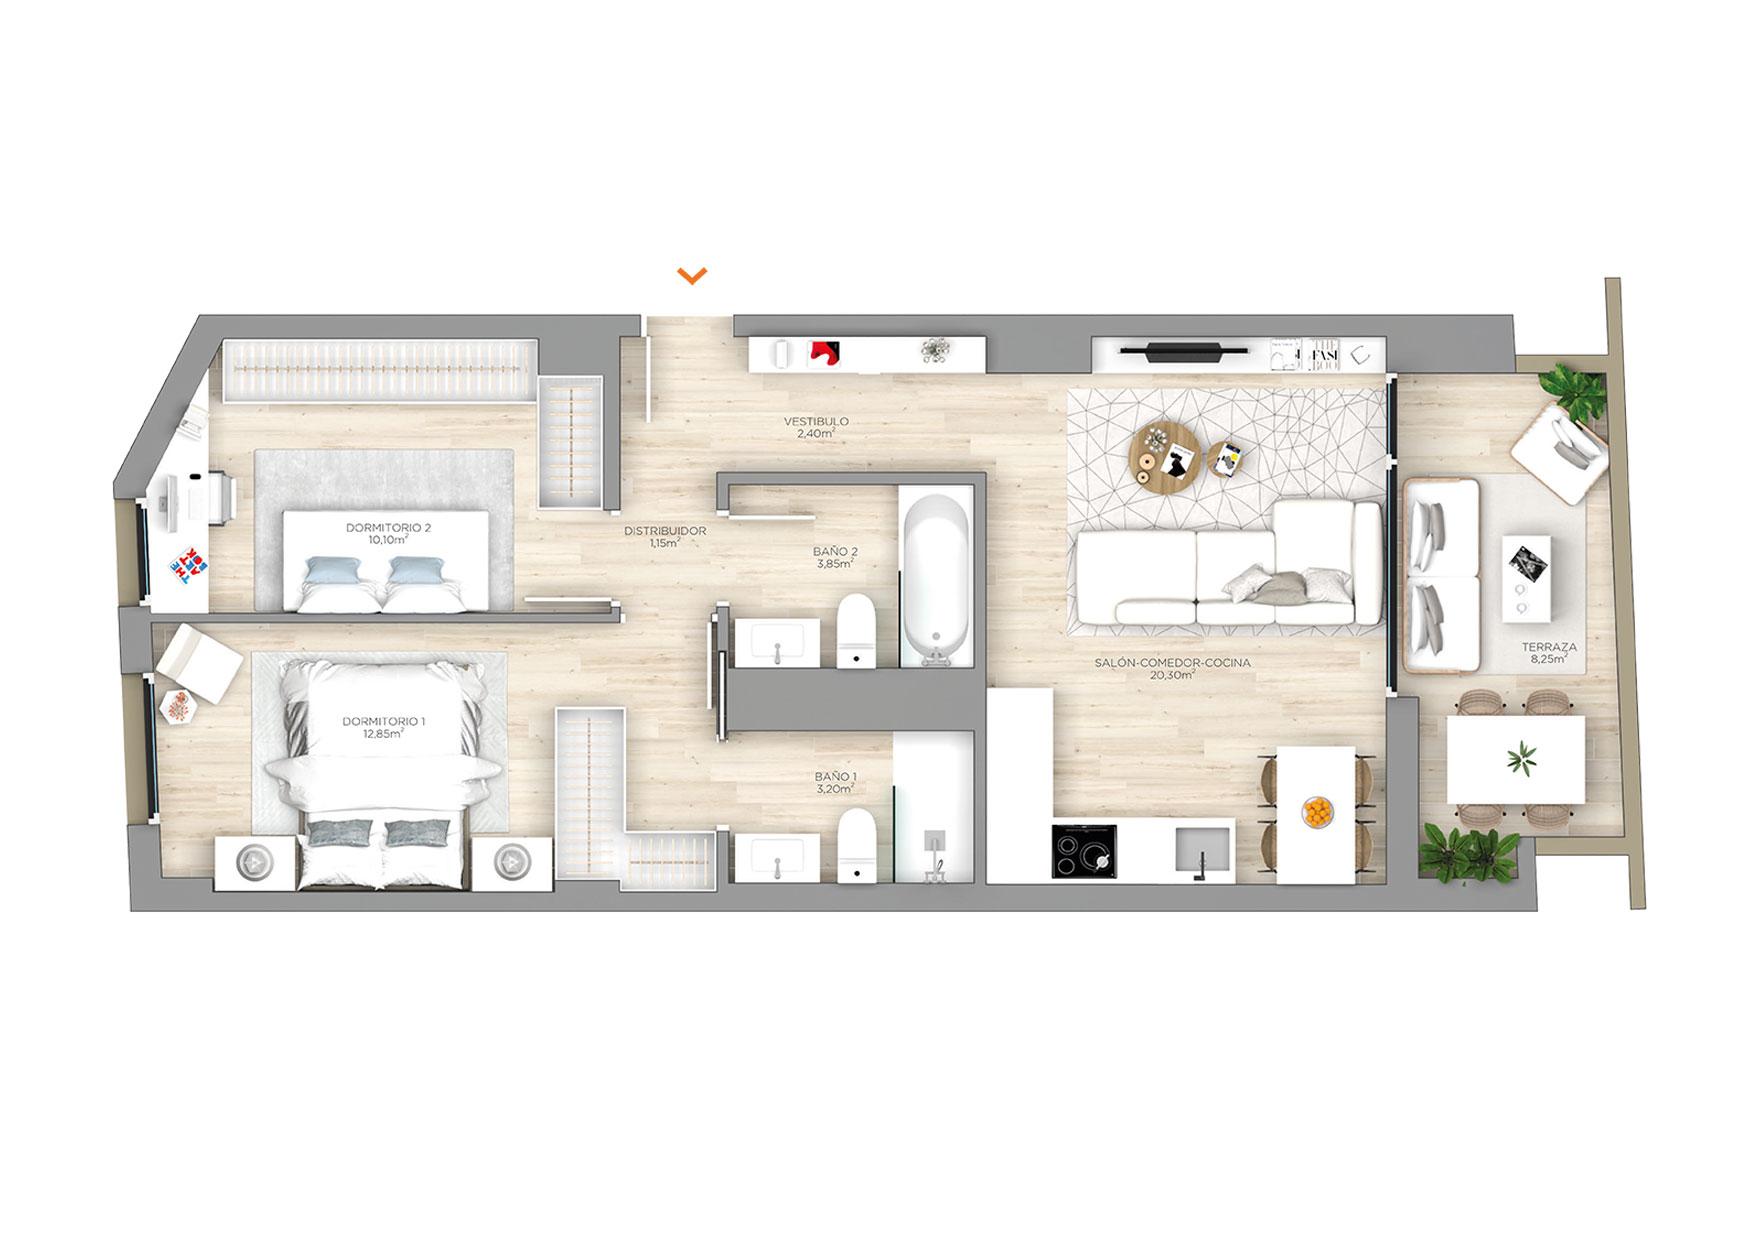 Arrosadia-construcciones-andia_AF_PLANO-PLANTA-1AL6C-1